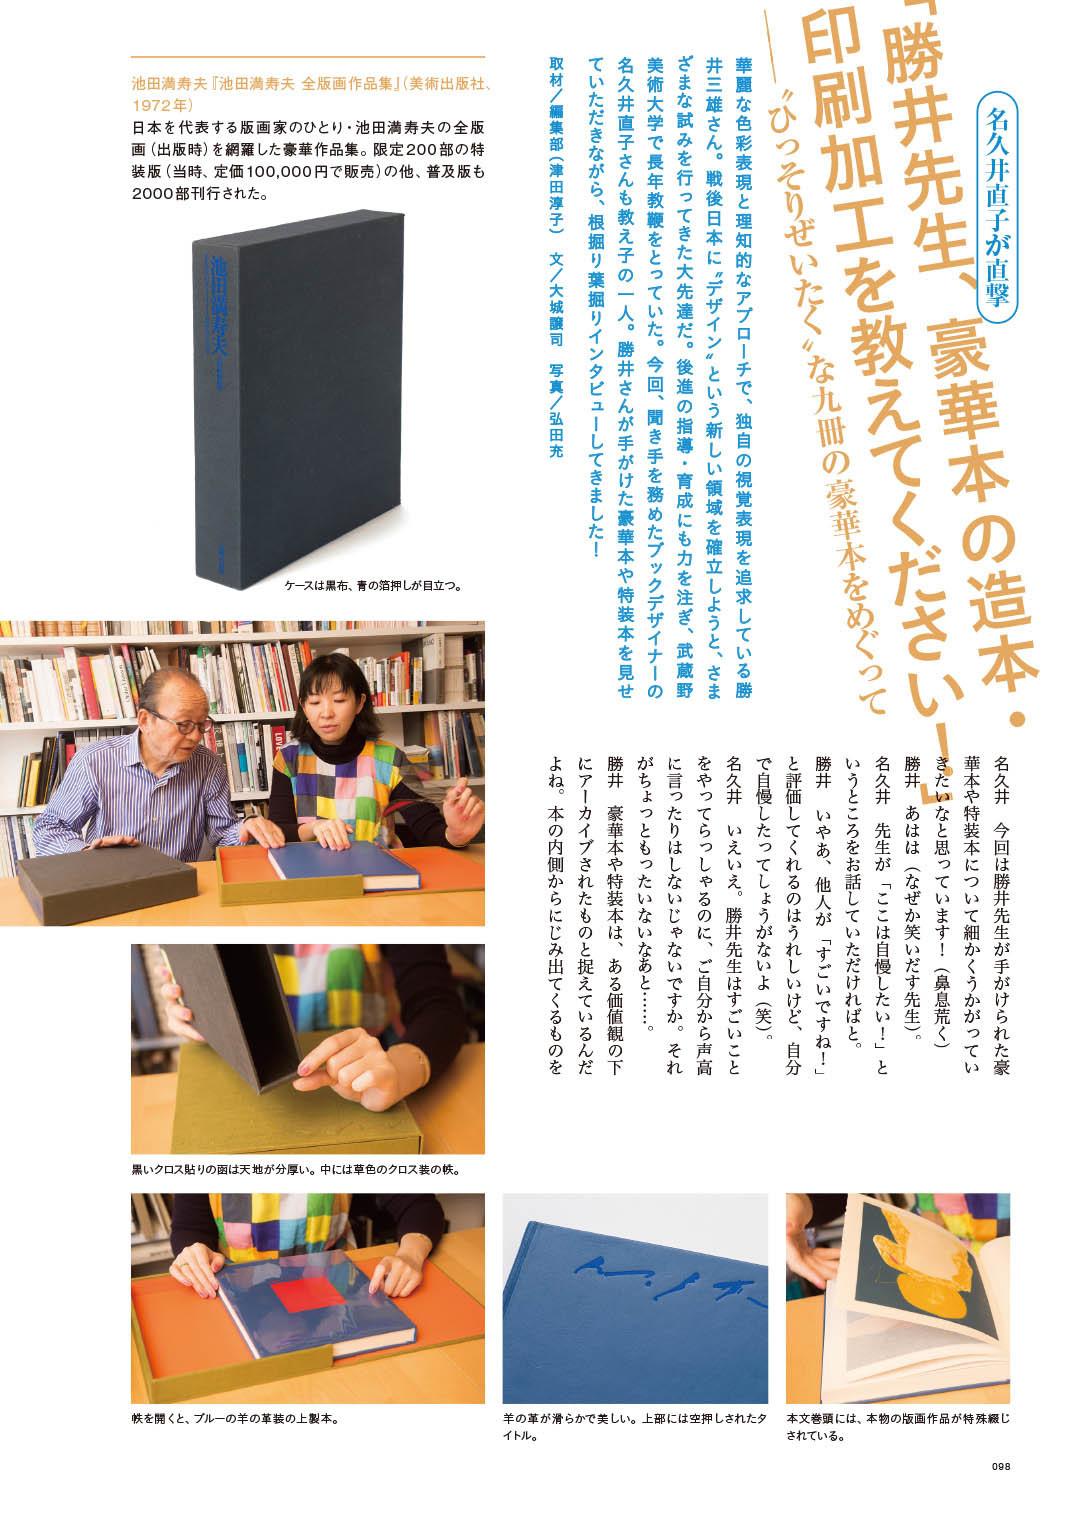 勝井三雄先生の記事を掲載いたします。_c0207090_13294535.jpg